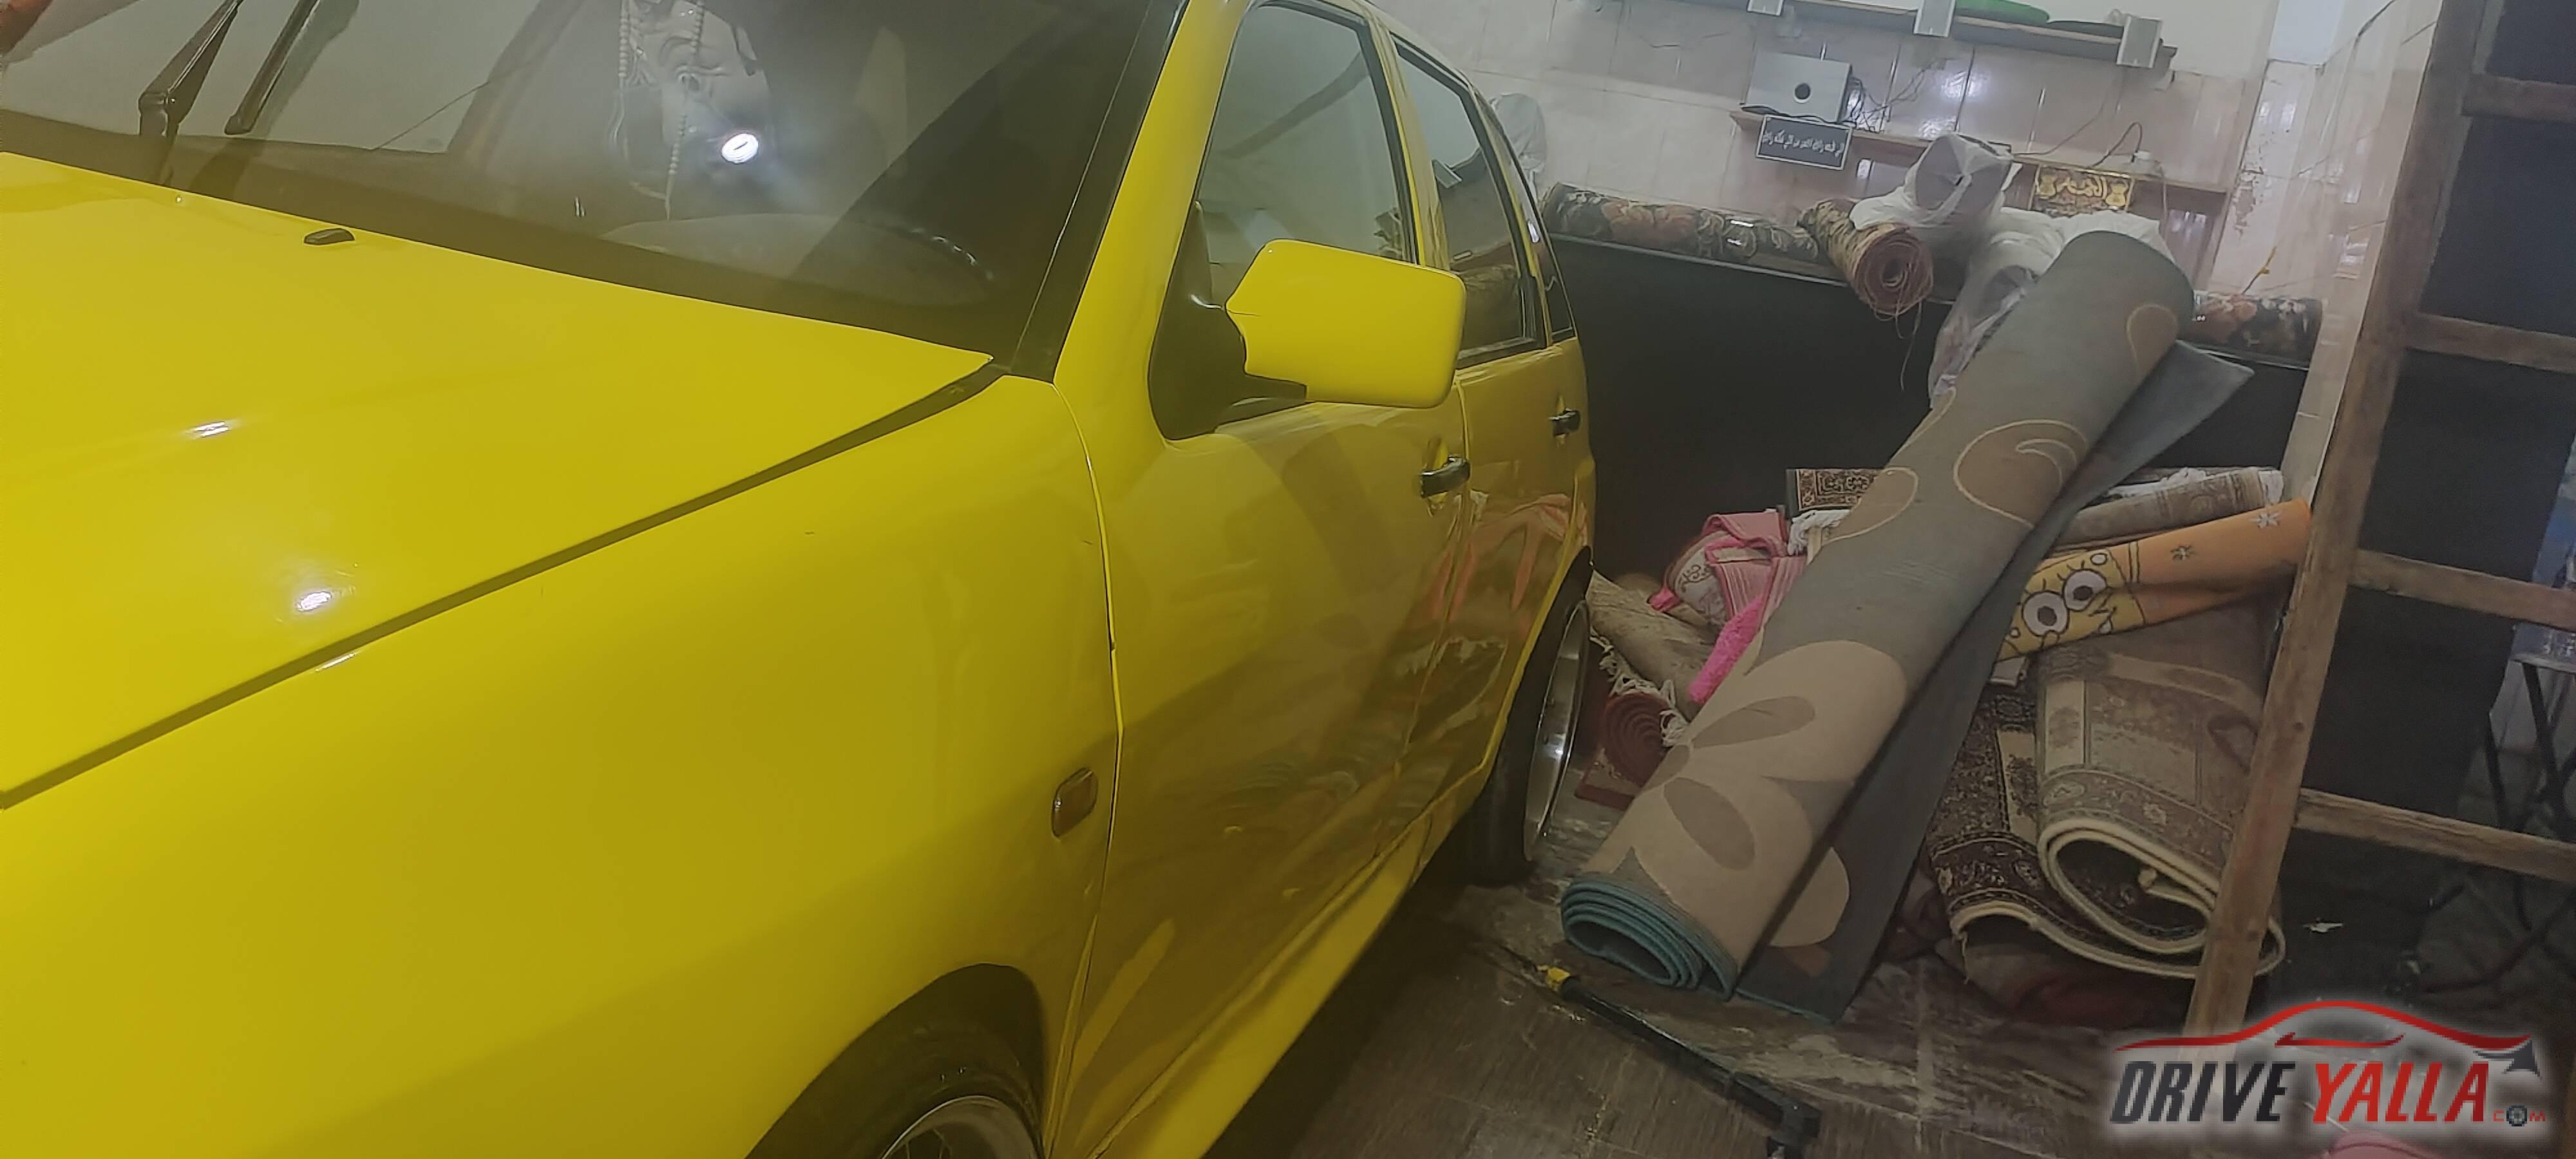 سيات ابيزا مستعملة للبيع فى مصر 99